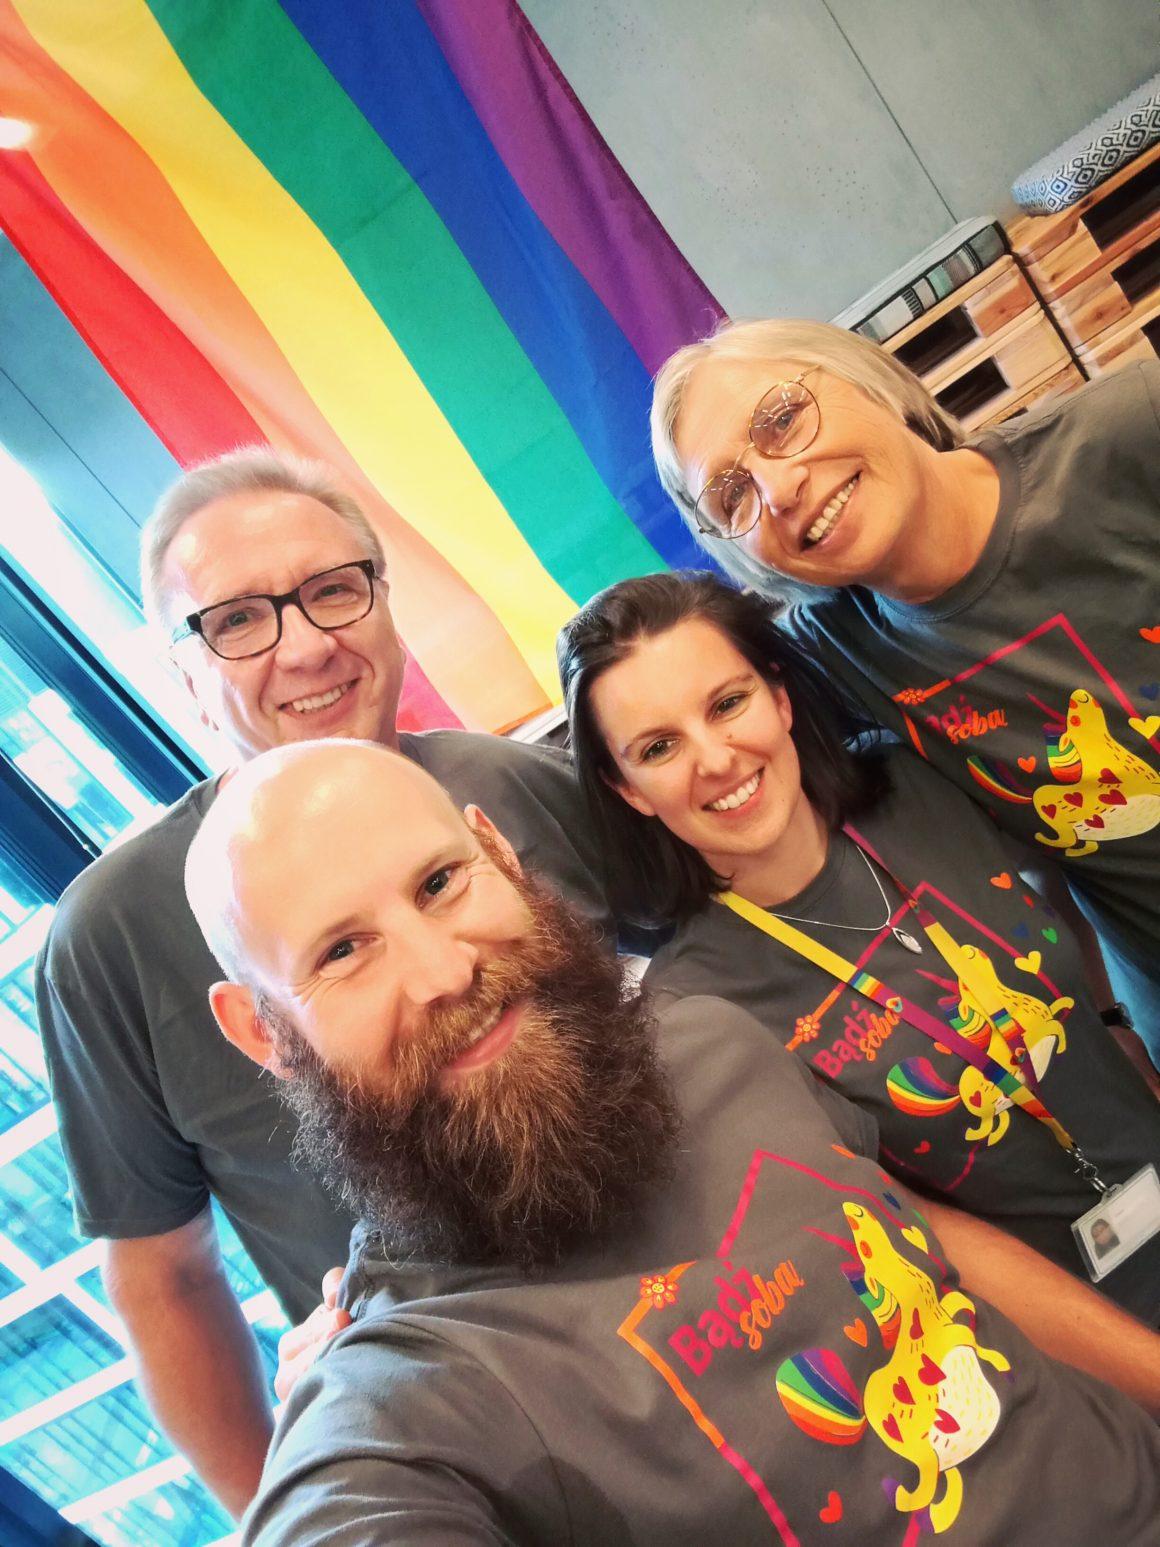 Międzynarodowy Dzień Walki z Homofobią, Transfobią i Bifobią w Avivie